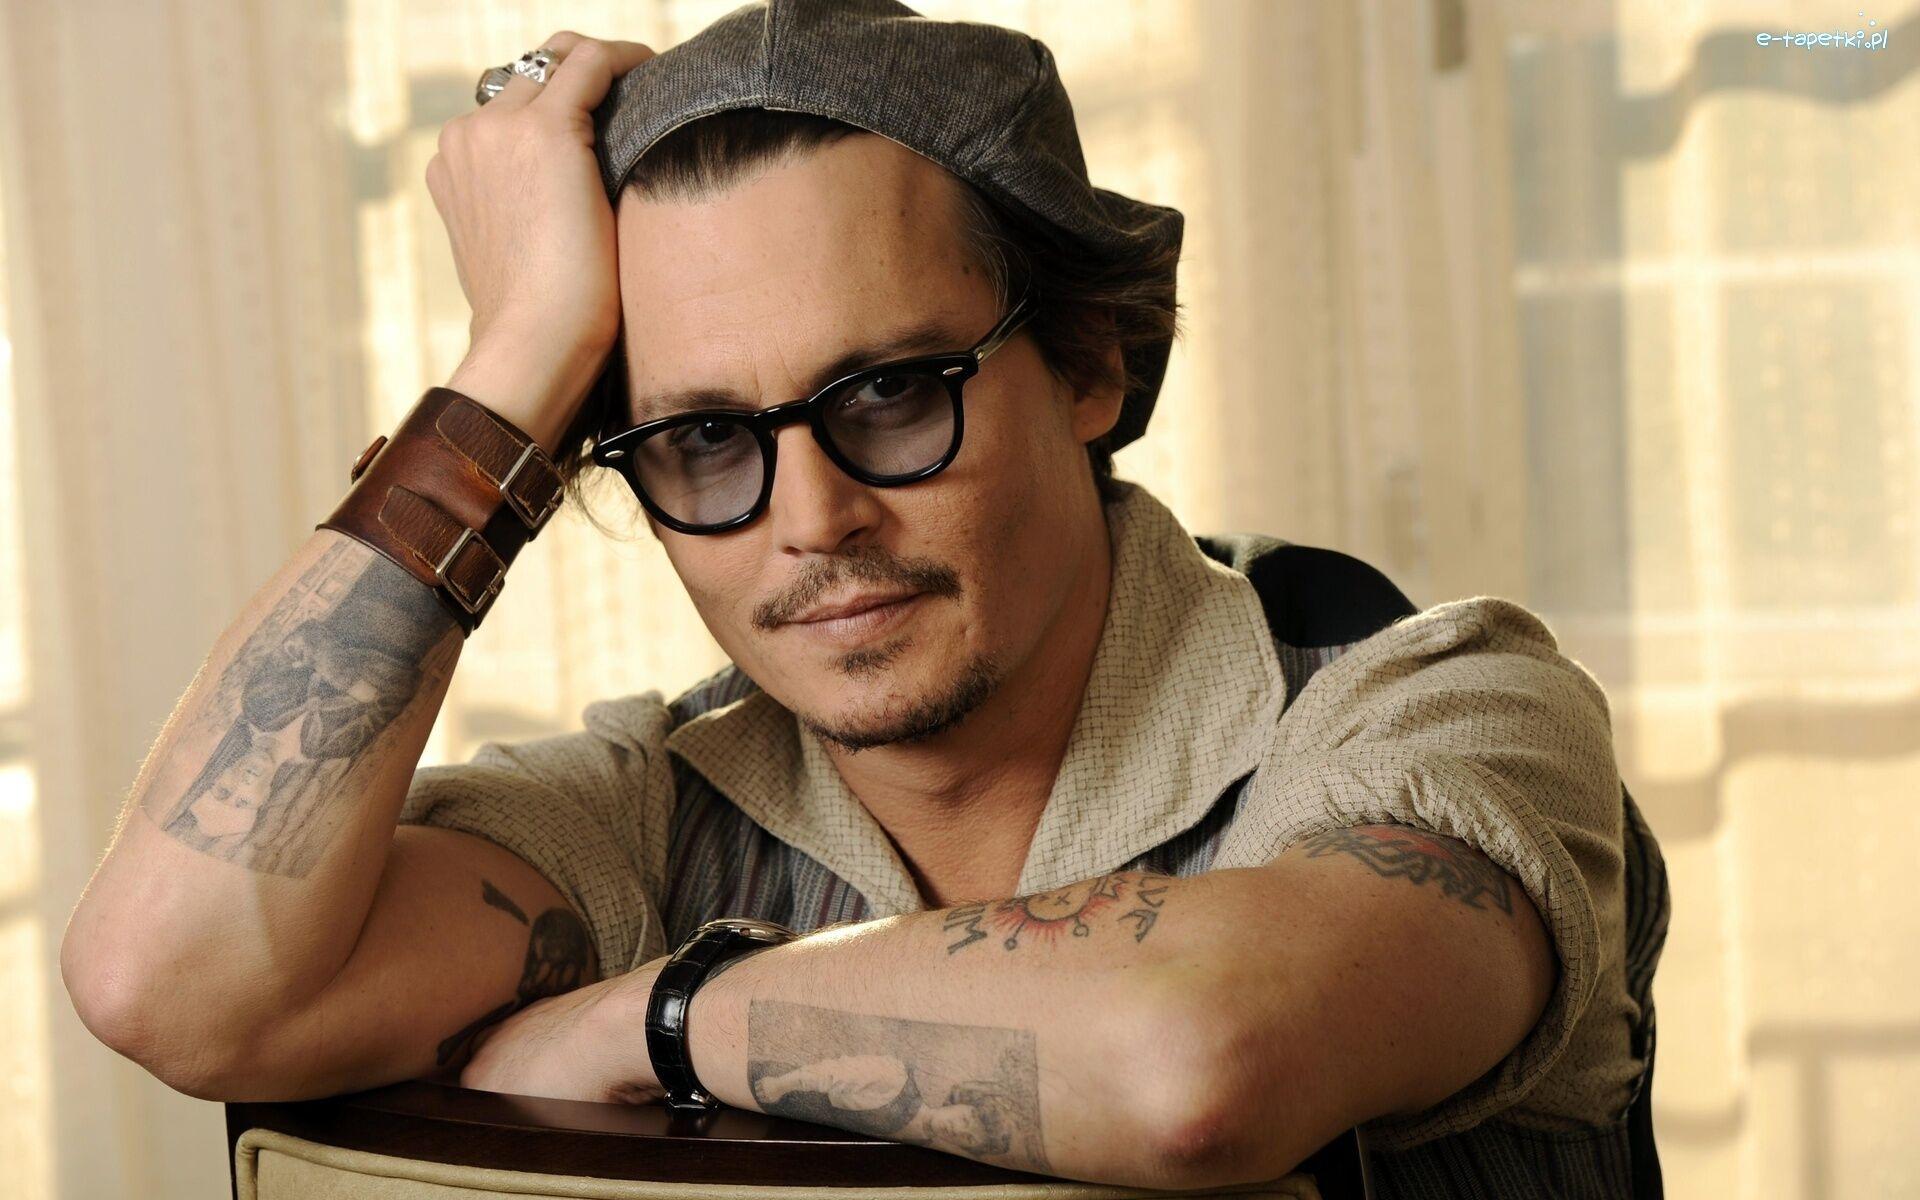 Aktor Okulary Johny Depp Mężczyzna Czapka Uśmiech Tatuaże